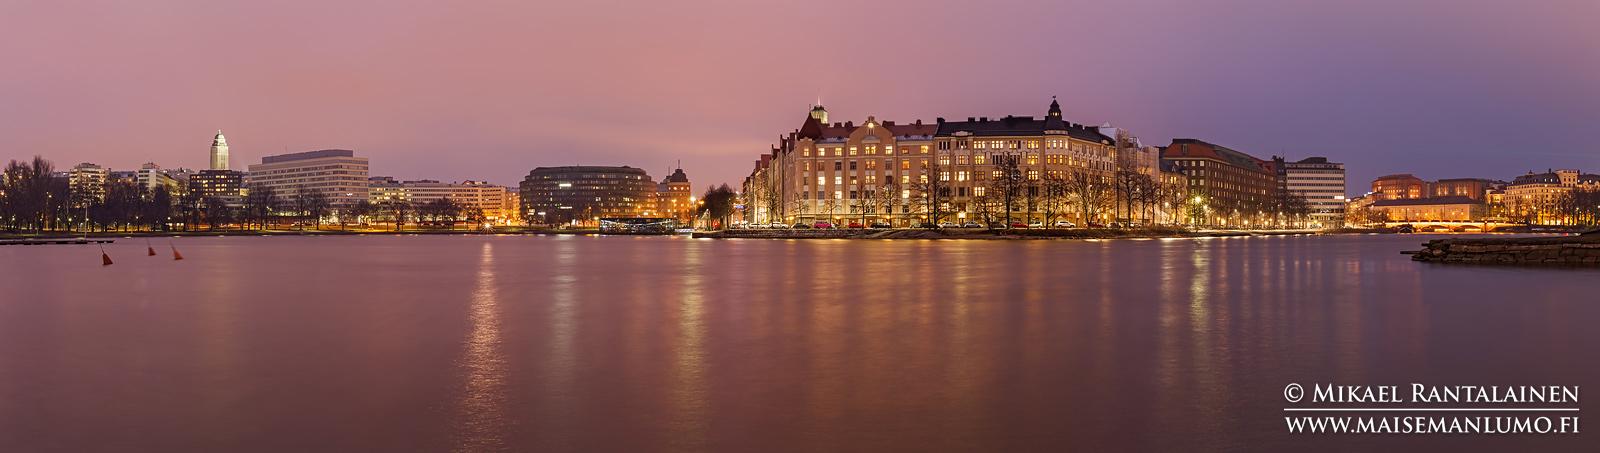 Eläintarhanlahti, Helsinki (HP144)